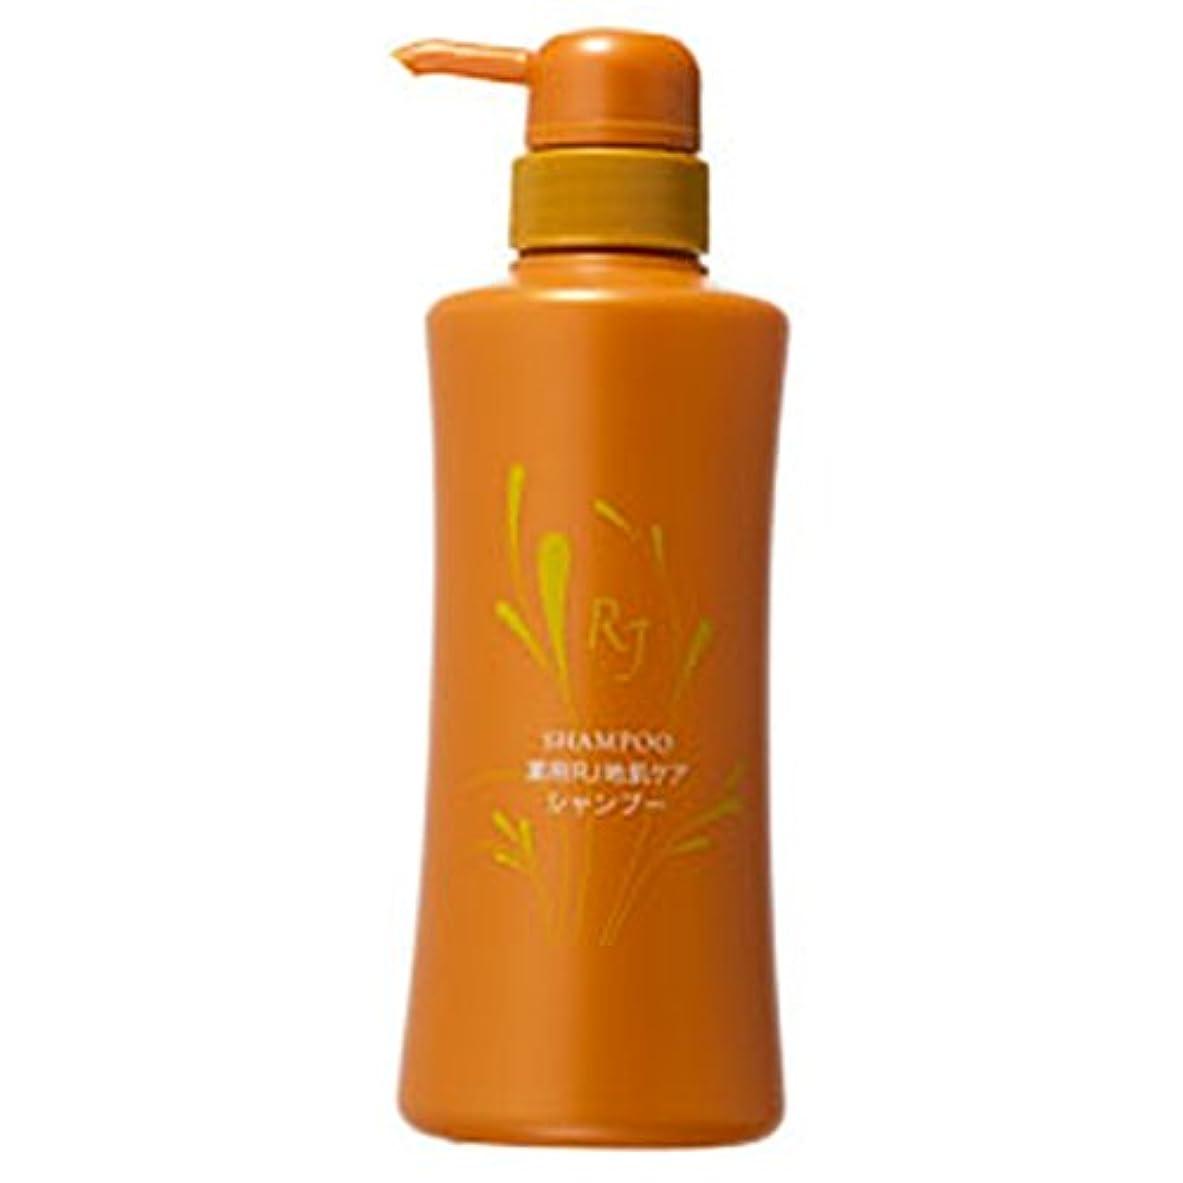 この移植インポート薬用RJ地肌(頭皮) ケア シャンプー 医薬部外品 400ml/ RJ Scalp Care Shampoo <400ml>, medicinal